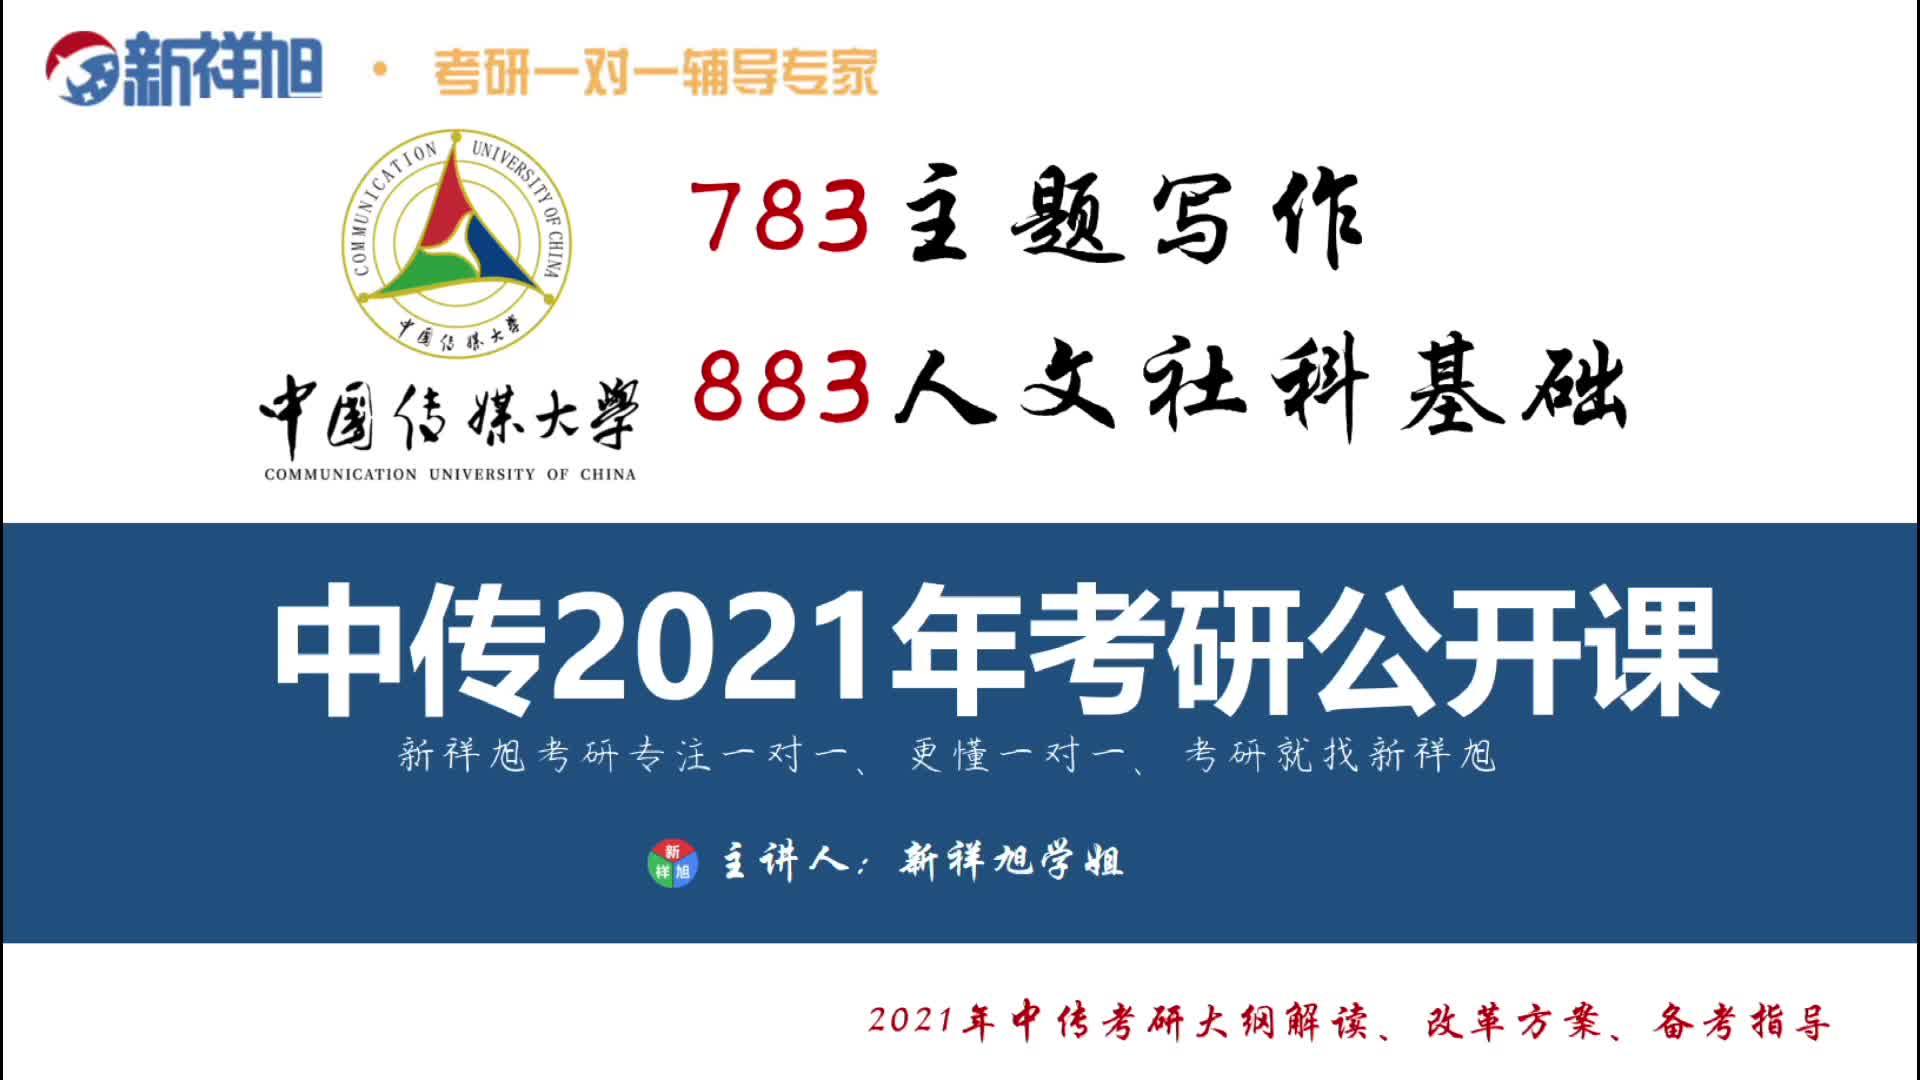 【新祥旭考研】2021年中国传媒大学783主题写作883人文社科基础改革考试大纲解读.MP4